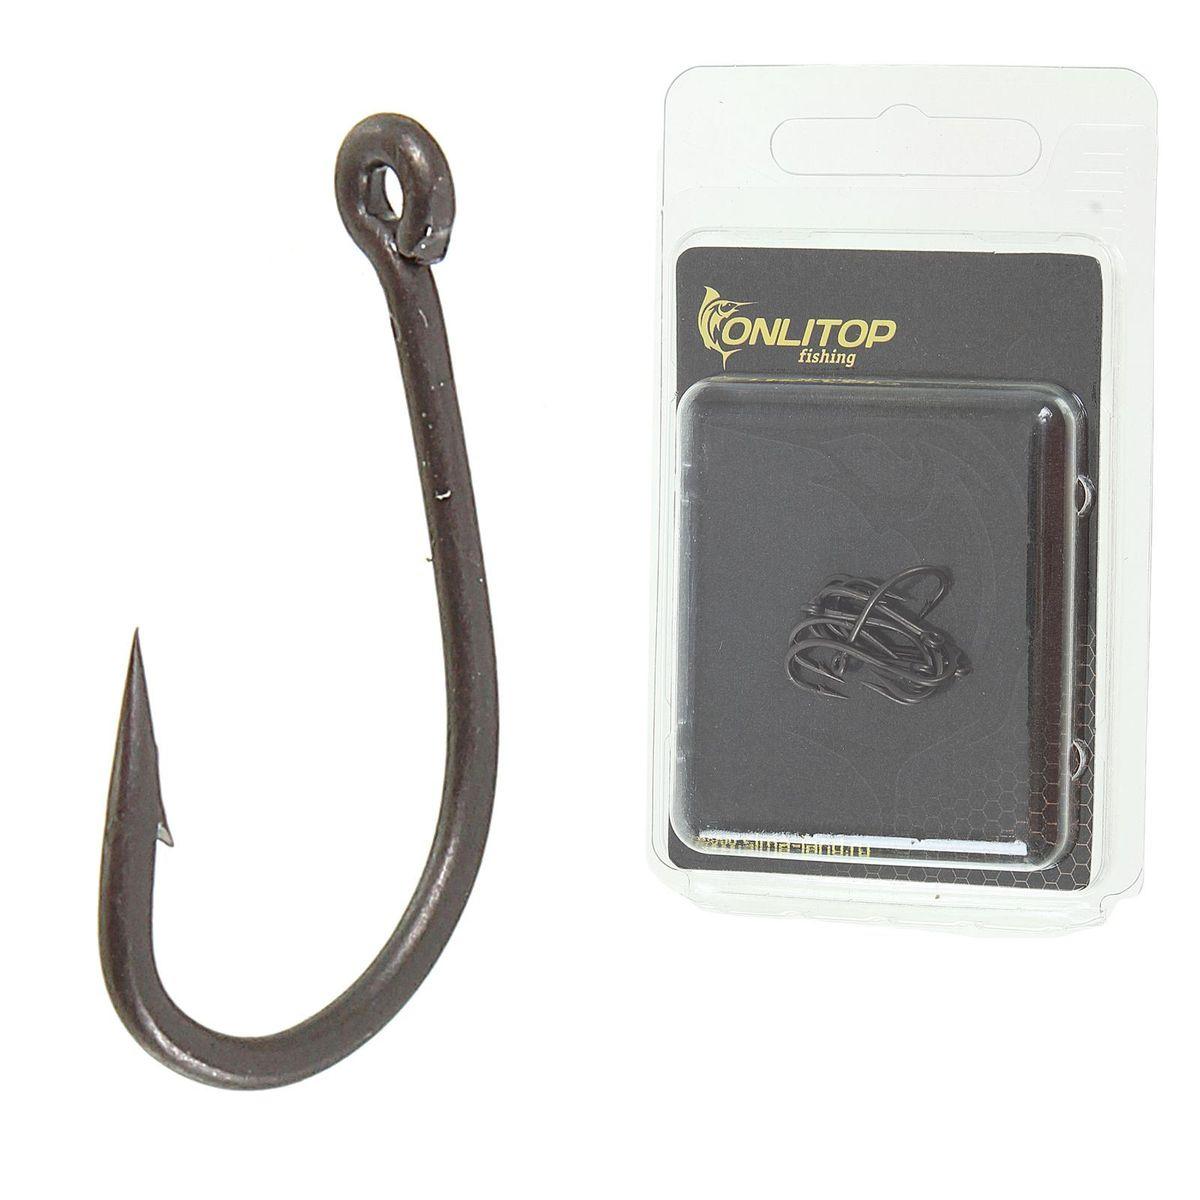 Крючок рыболовный Onlitop Anti-Snag Teflon, размер 8, 10 шт